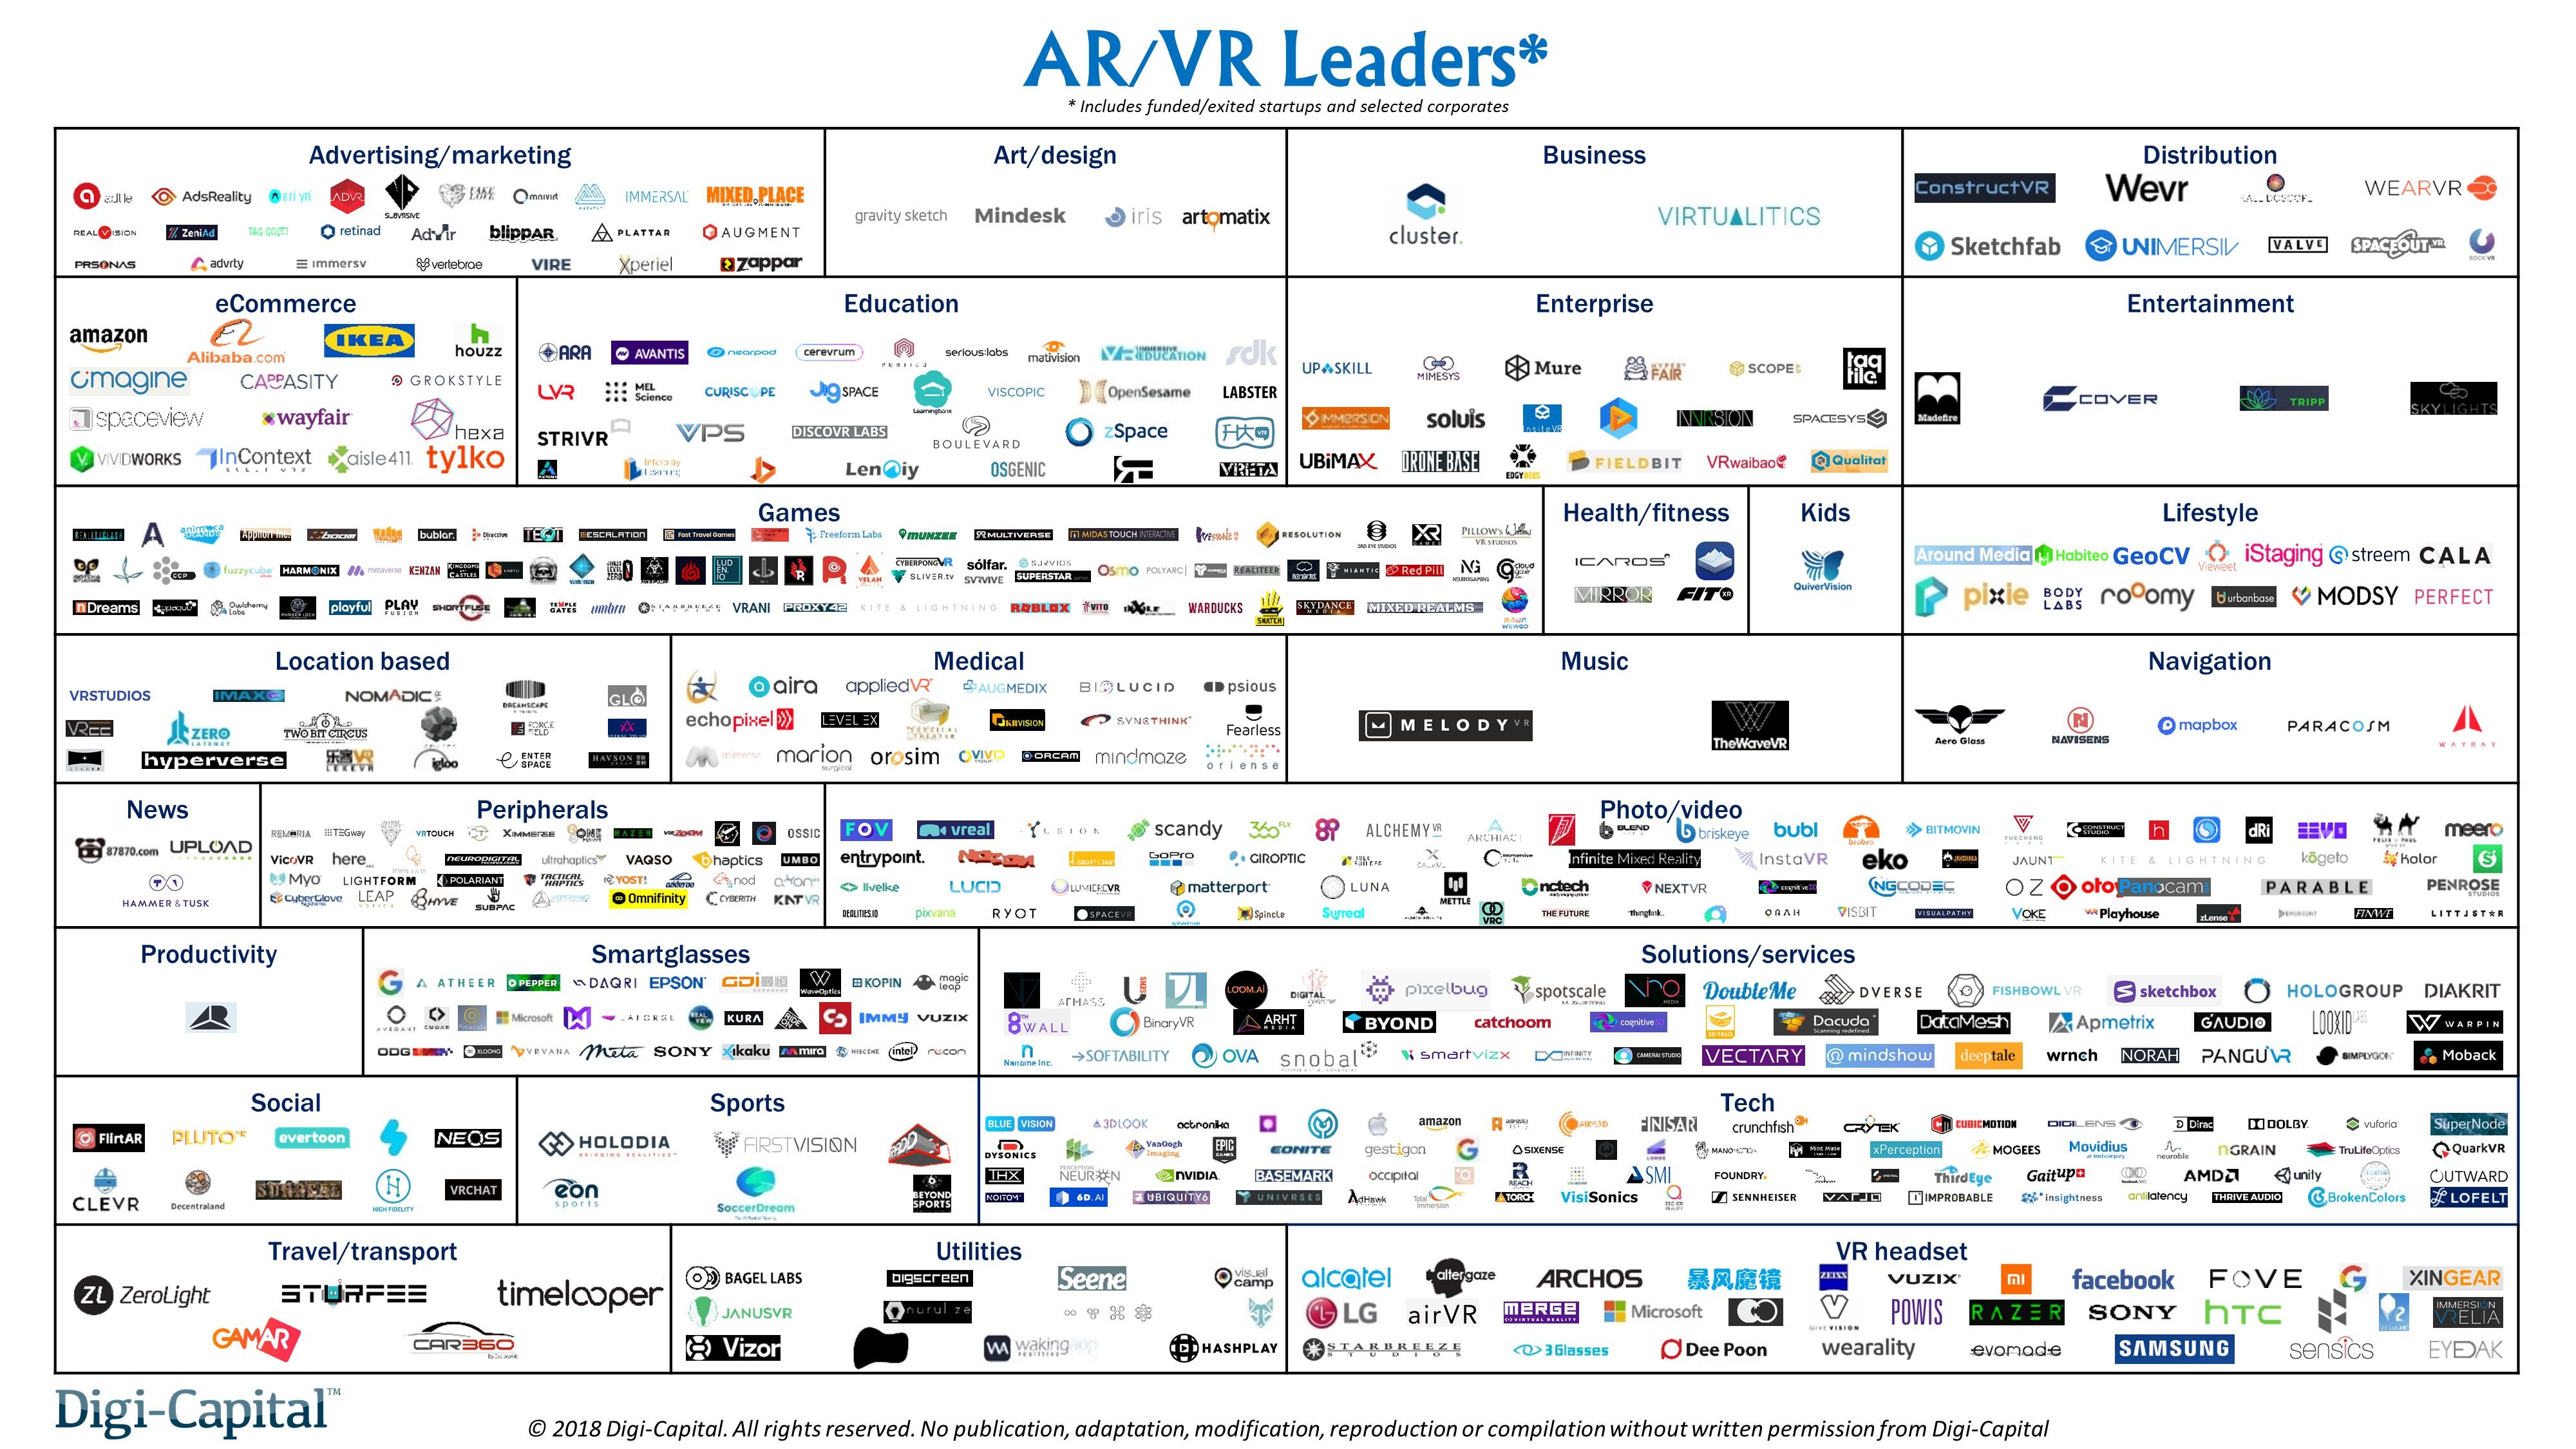 Digi-Capital: AR/VR Start-ups Raised Over $3 6 Billion in